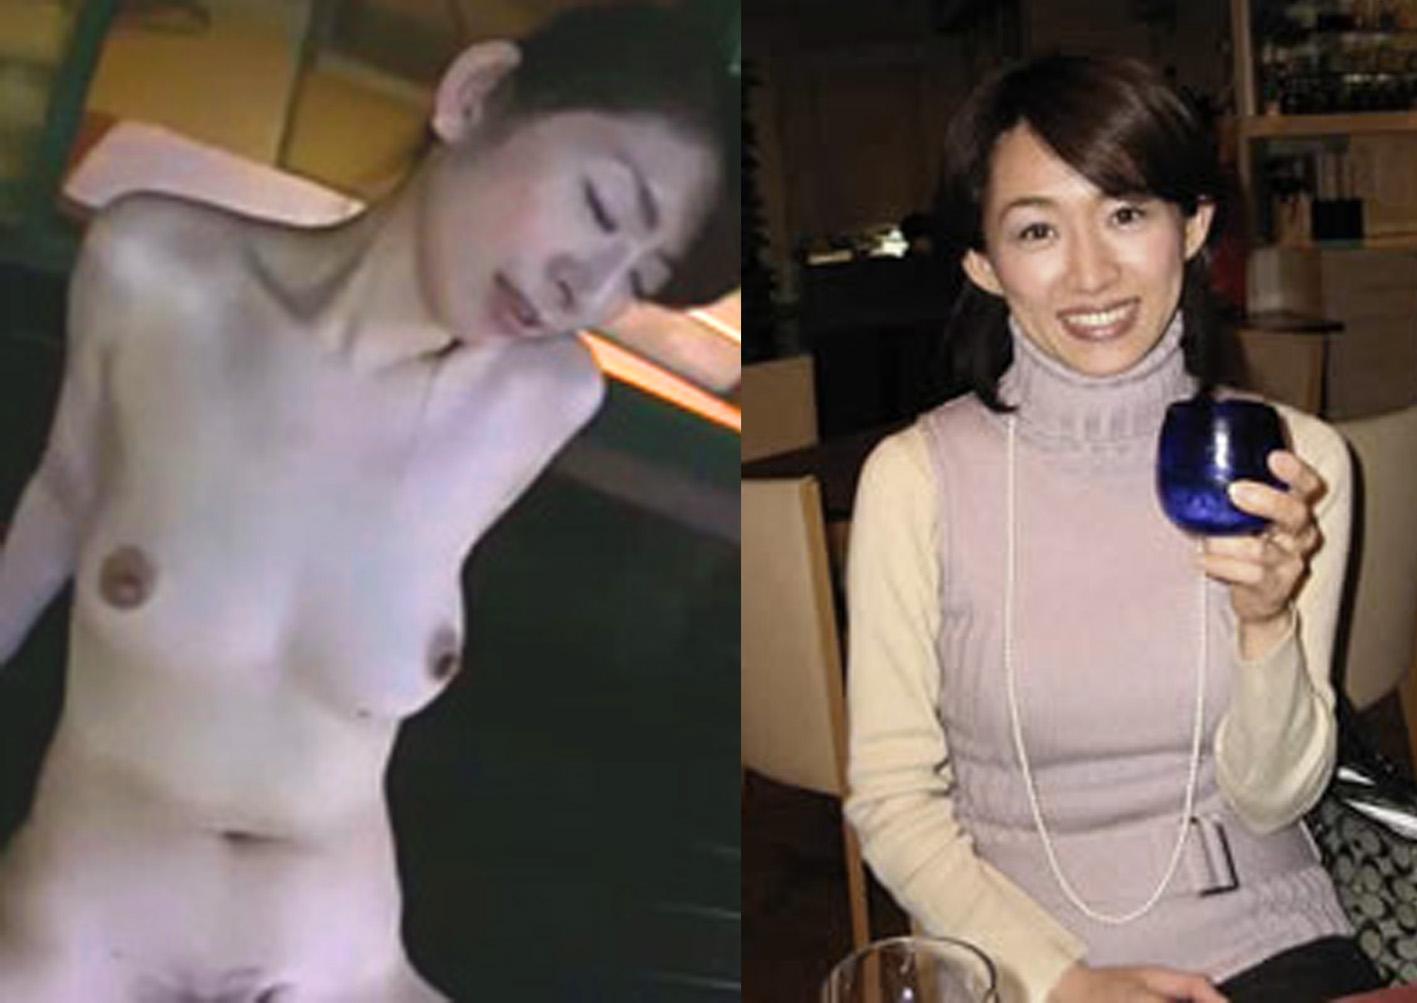 素人娘の私服姿とエッチしてる時の裸体の比較画像ってたまらんよなぁーwwwwwwww 1933